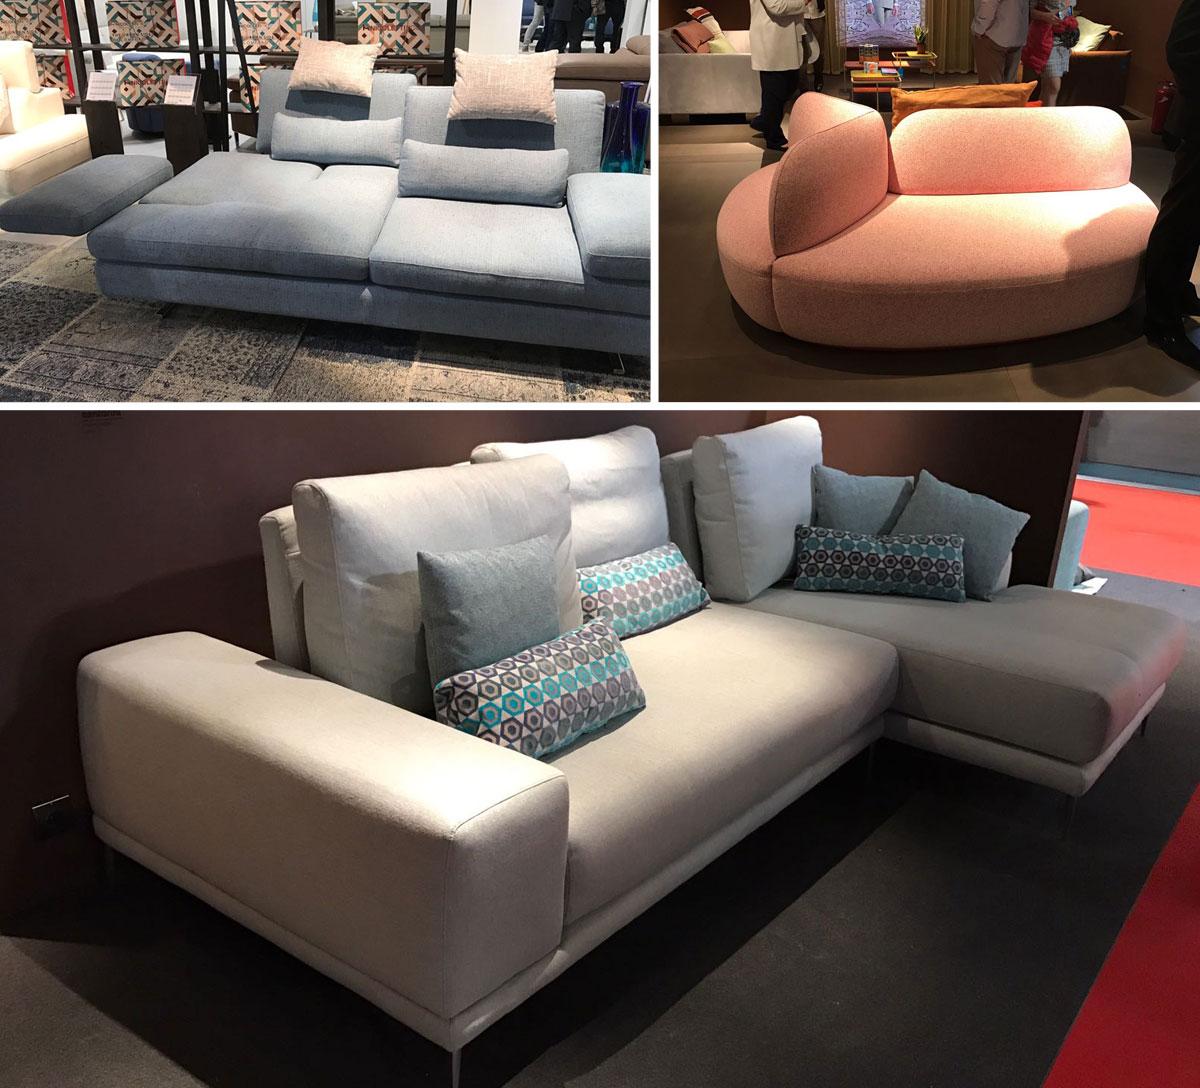 sofa modernos 2017 sofas bay area salón del mueble milán interley interiores